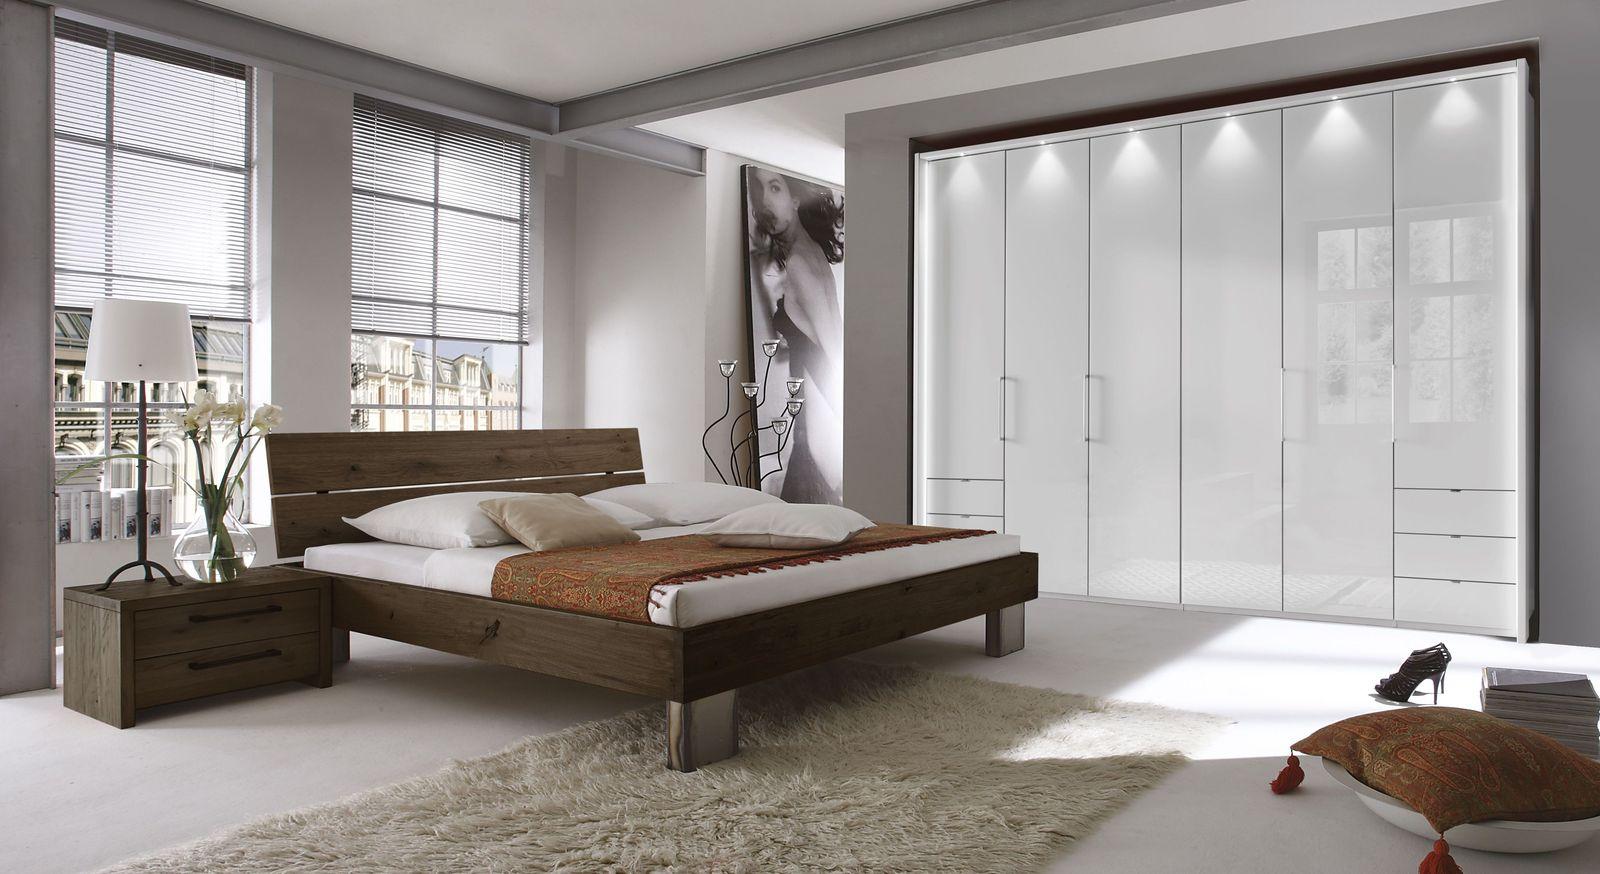 Funktions-Kleiderschrank Westville mit passenden Schlafzimmermöbeln